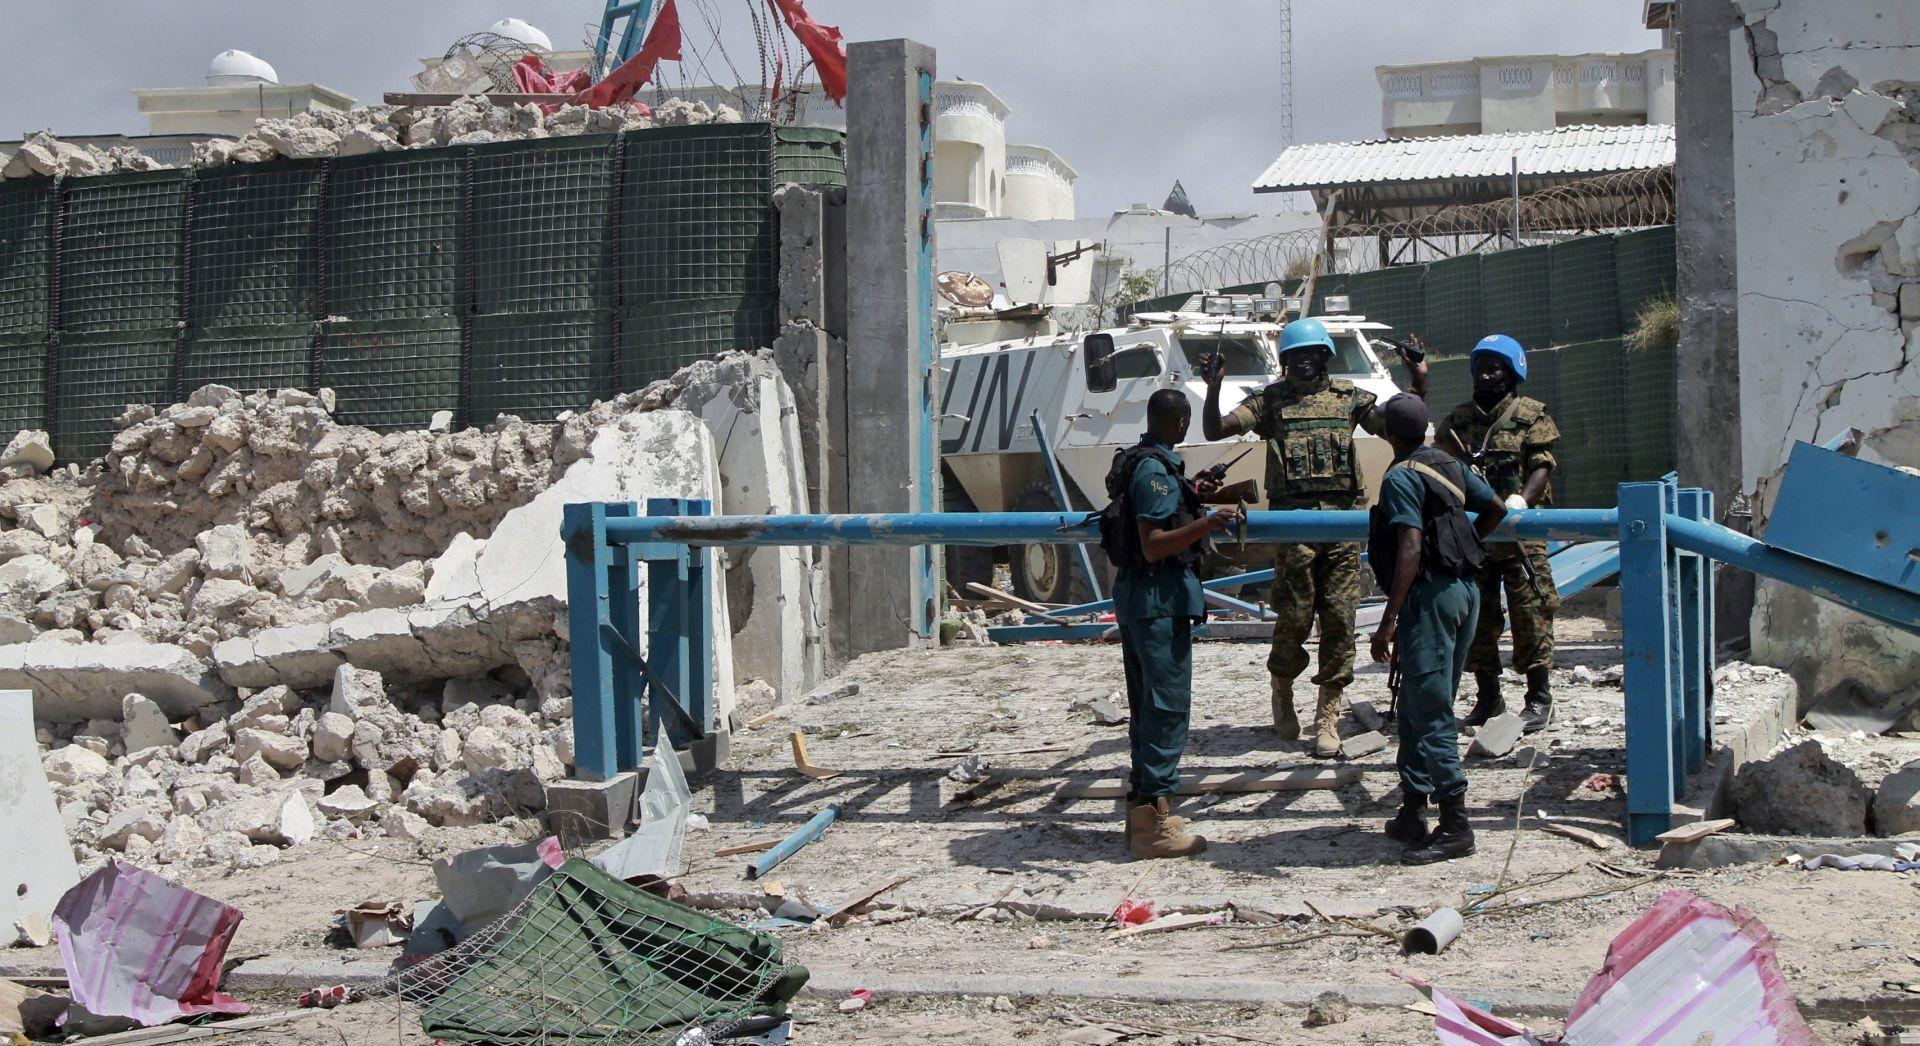 AUTOBOMBE I NAORUŽANI MILITANTI Al-Shabaab napao Mogadishu, najmanje 7 poginulih, ubijena i dva napadača